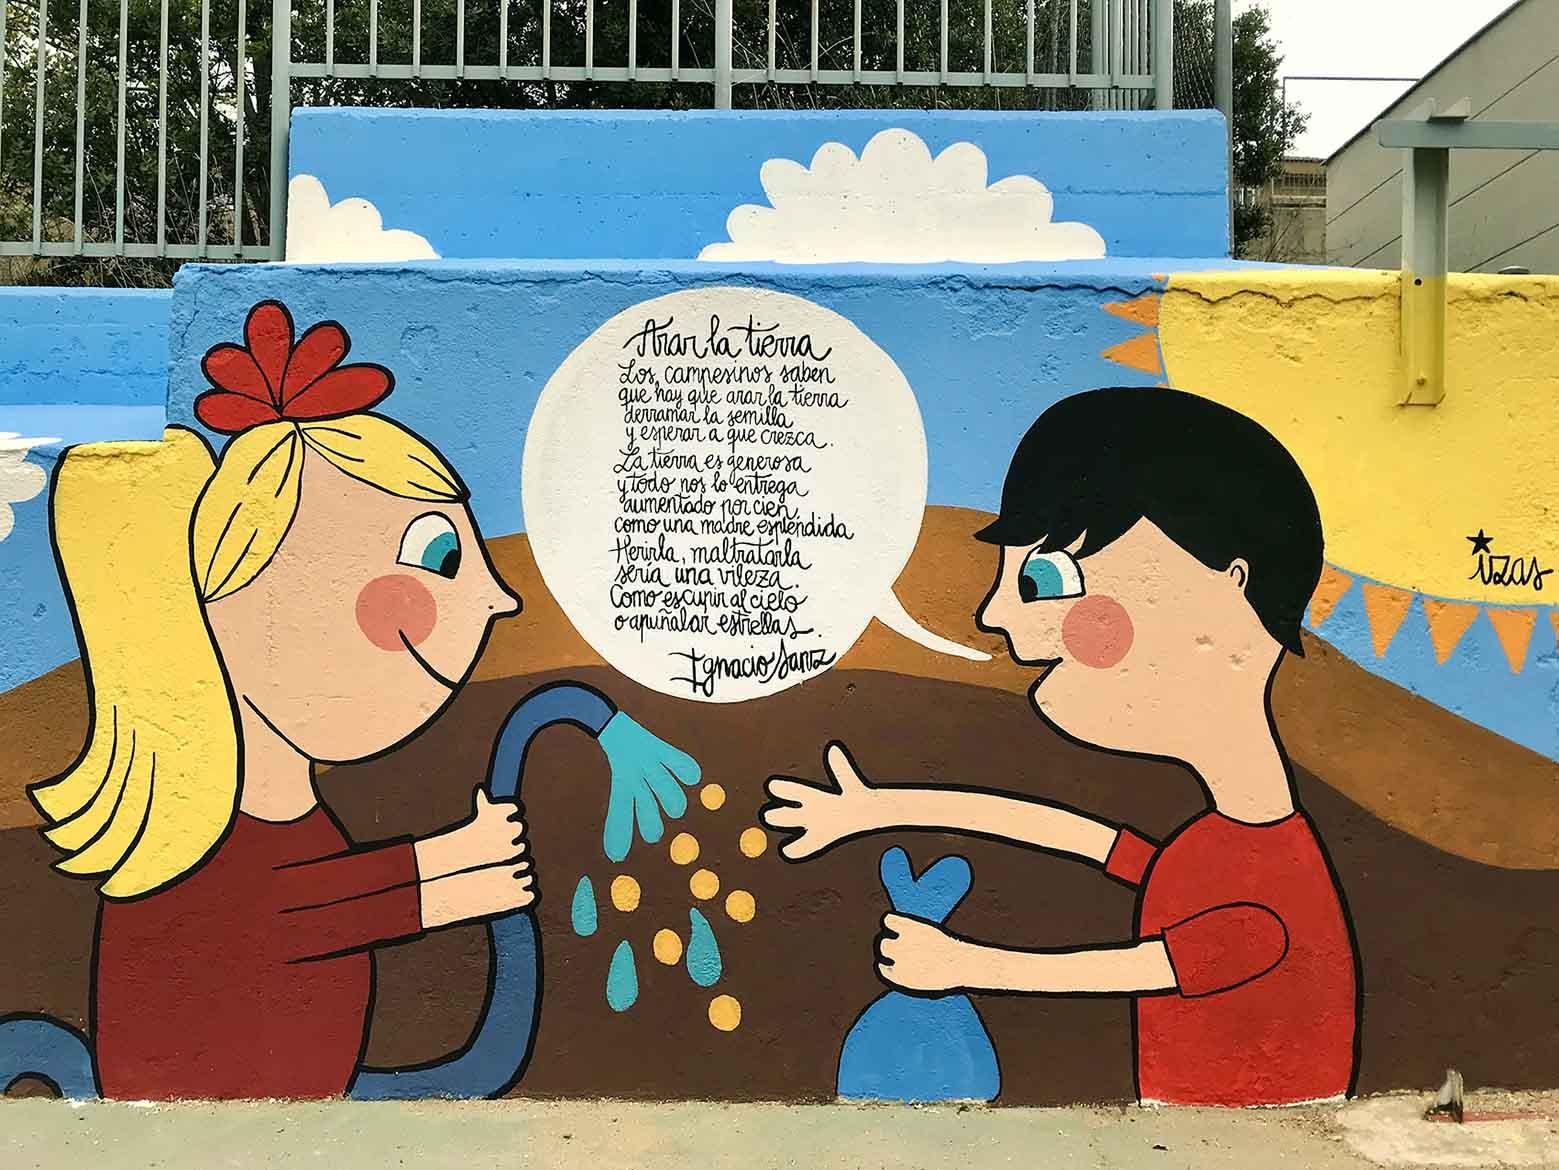 mural izas dibujando la palabra segovia 4